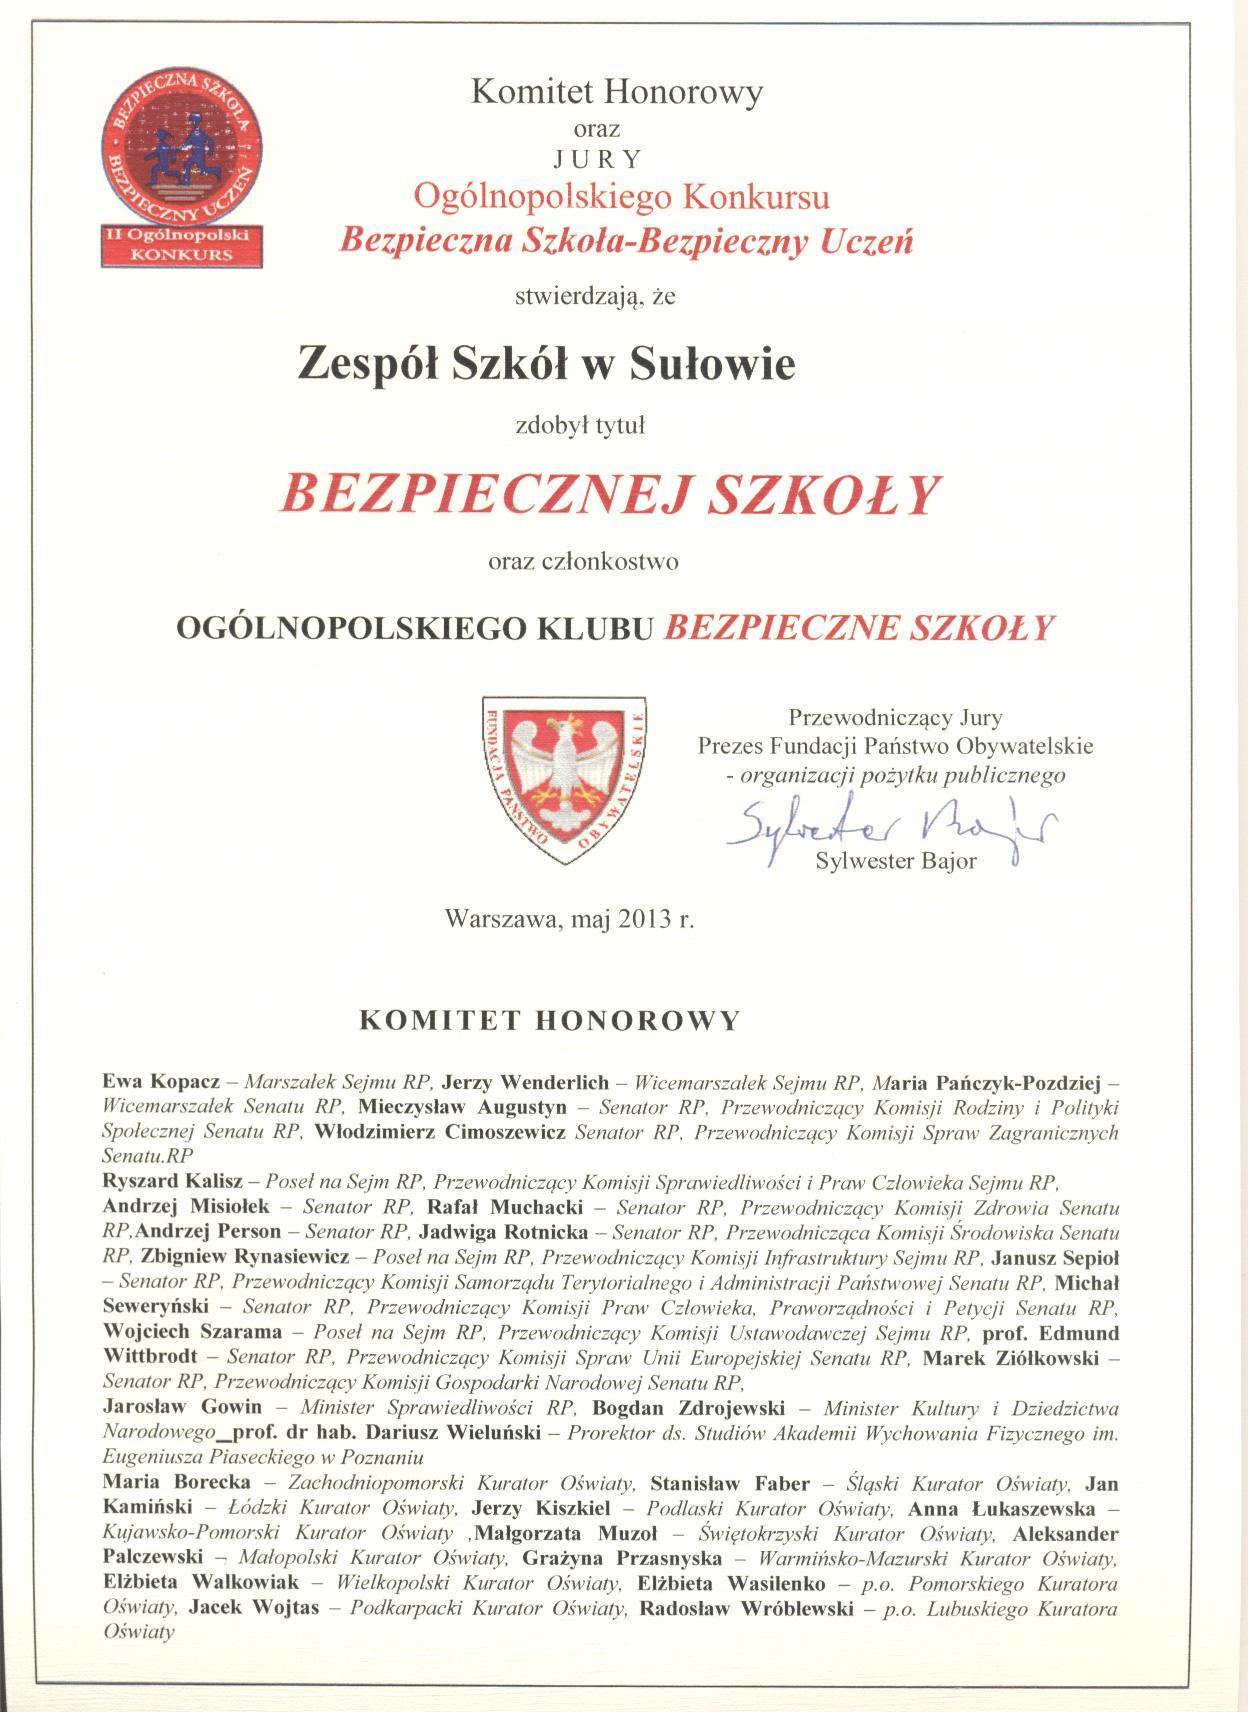 http://zssulow.szkolnastrona.pl/container/bezpieczna_szkola.jpg